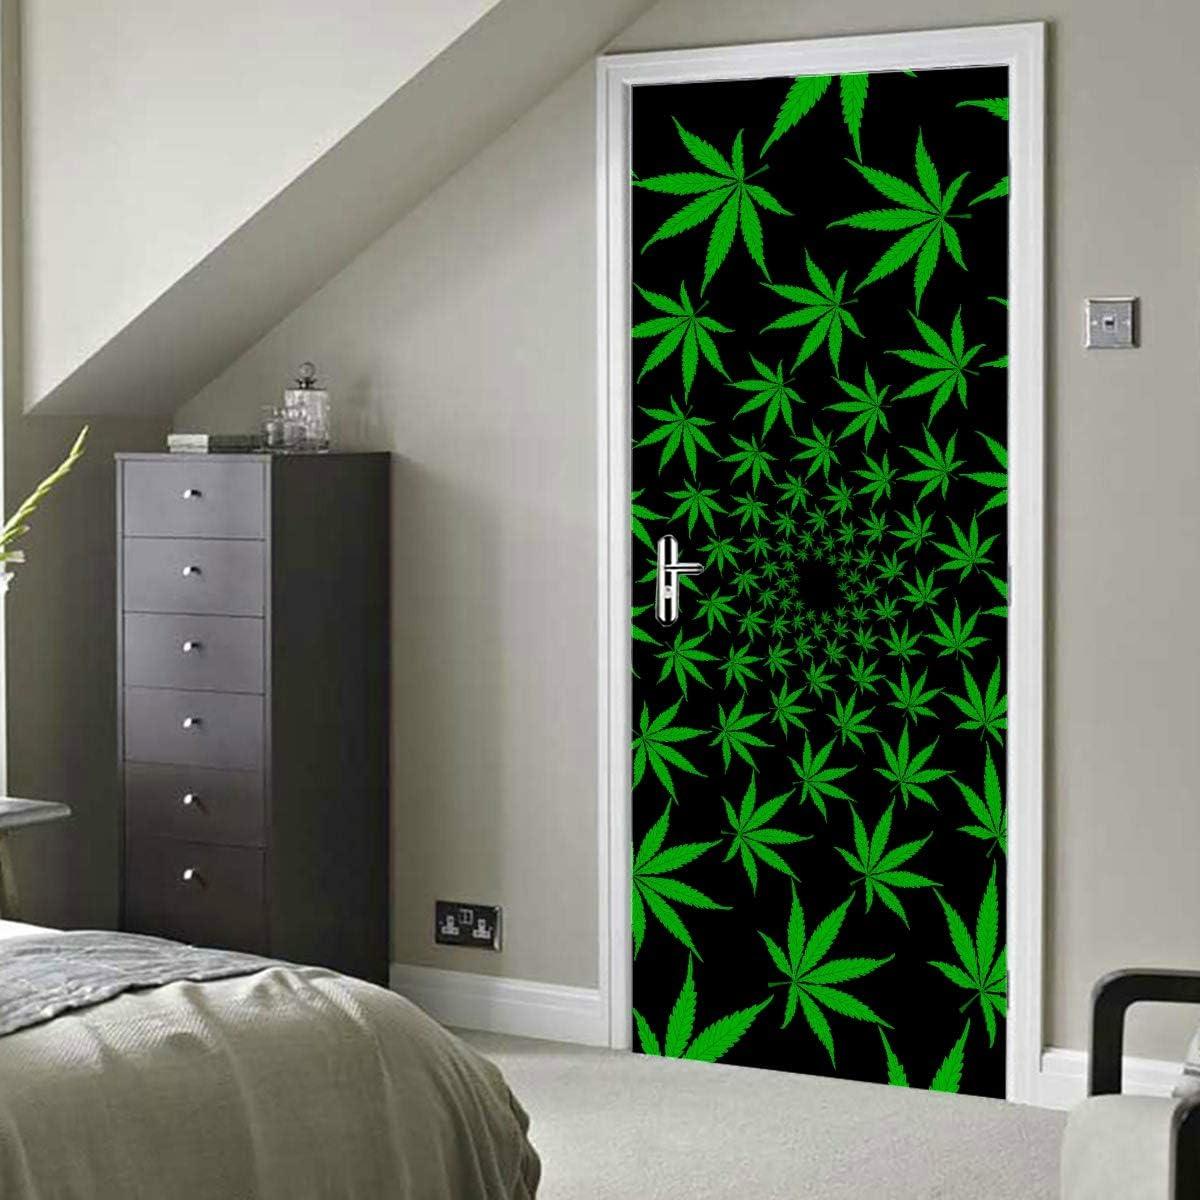 Hojas de marihuana verde Vector de cannabis Calcomanías autoadhesivas de vinilo extraíble para puertas Pegatinas para puertas 30x79 pulgadas (77x200cm) 2 piezas